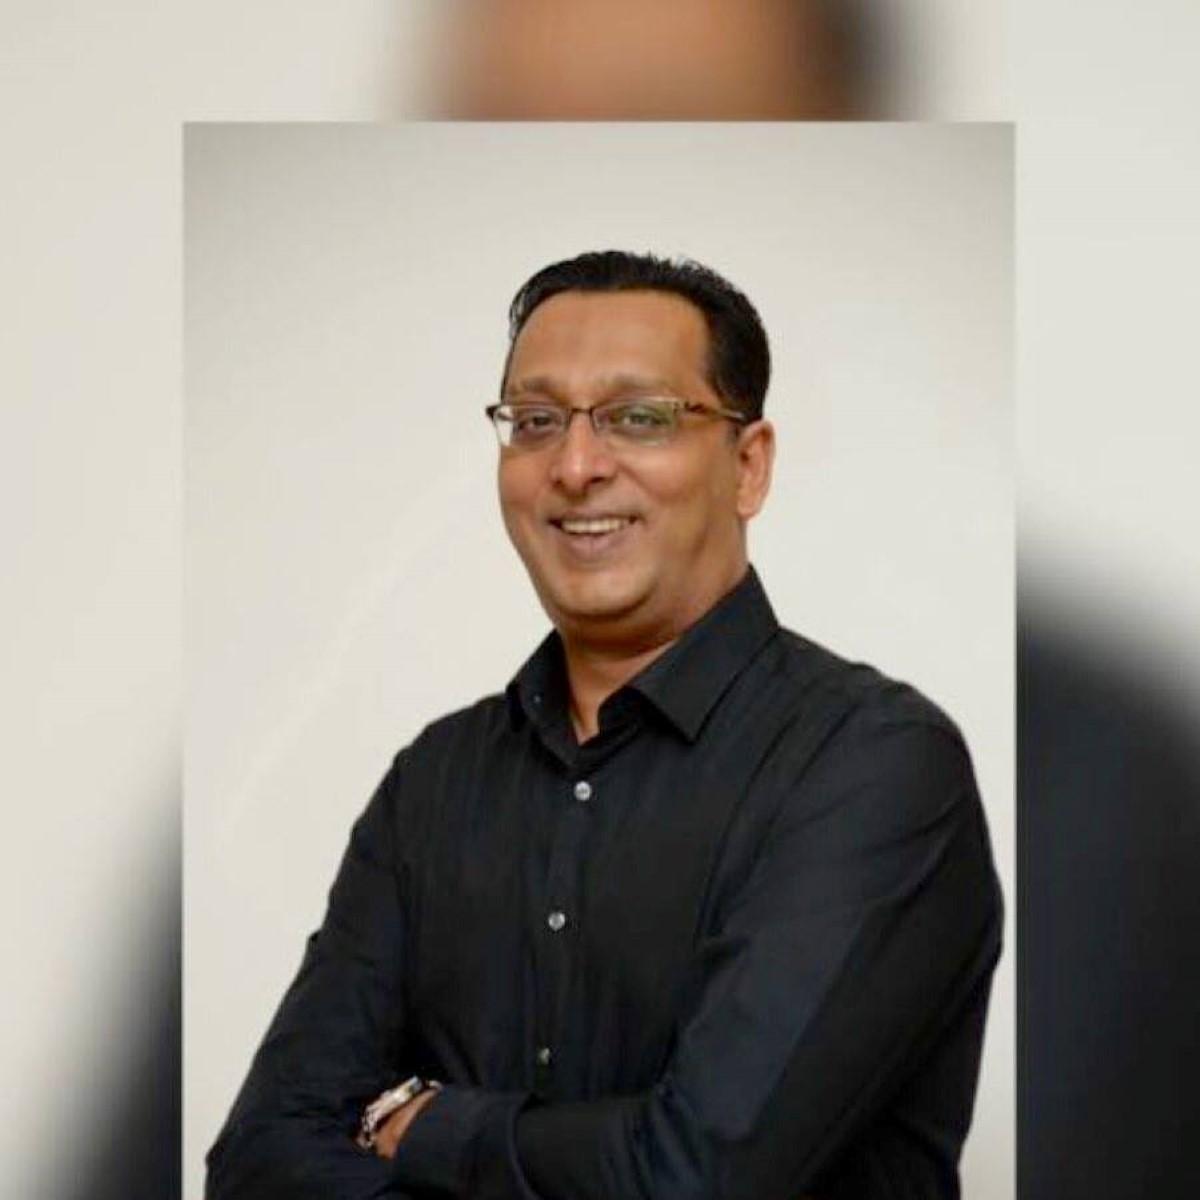 Bhadain conteste la validité des résultats du scrutin 2019